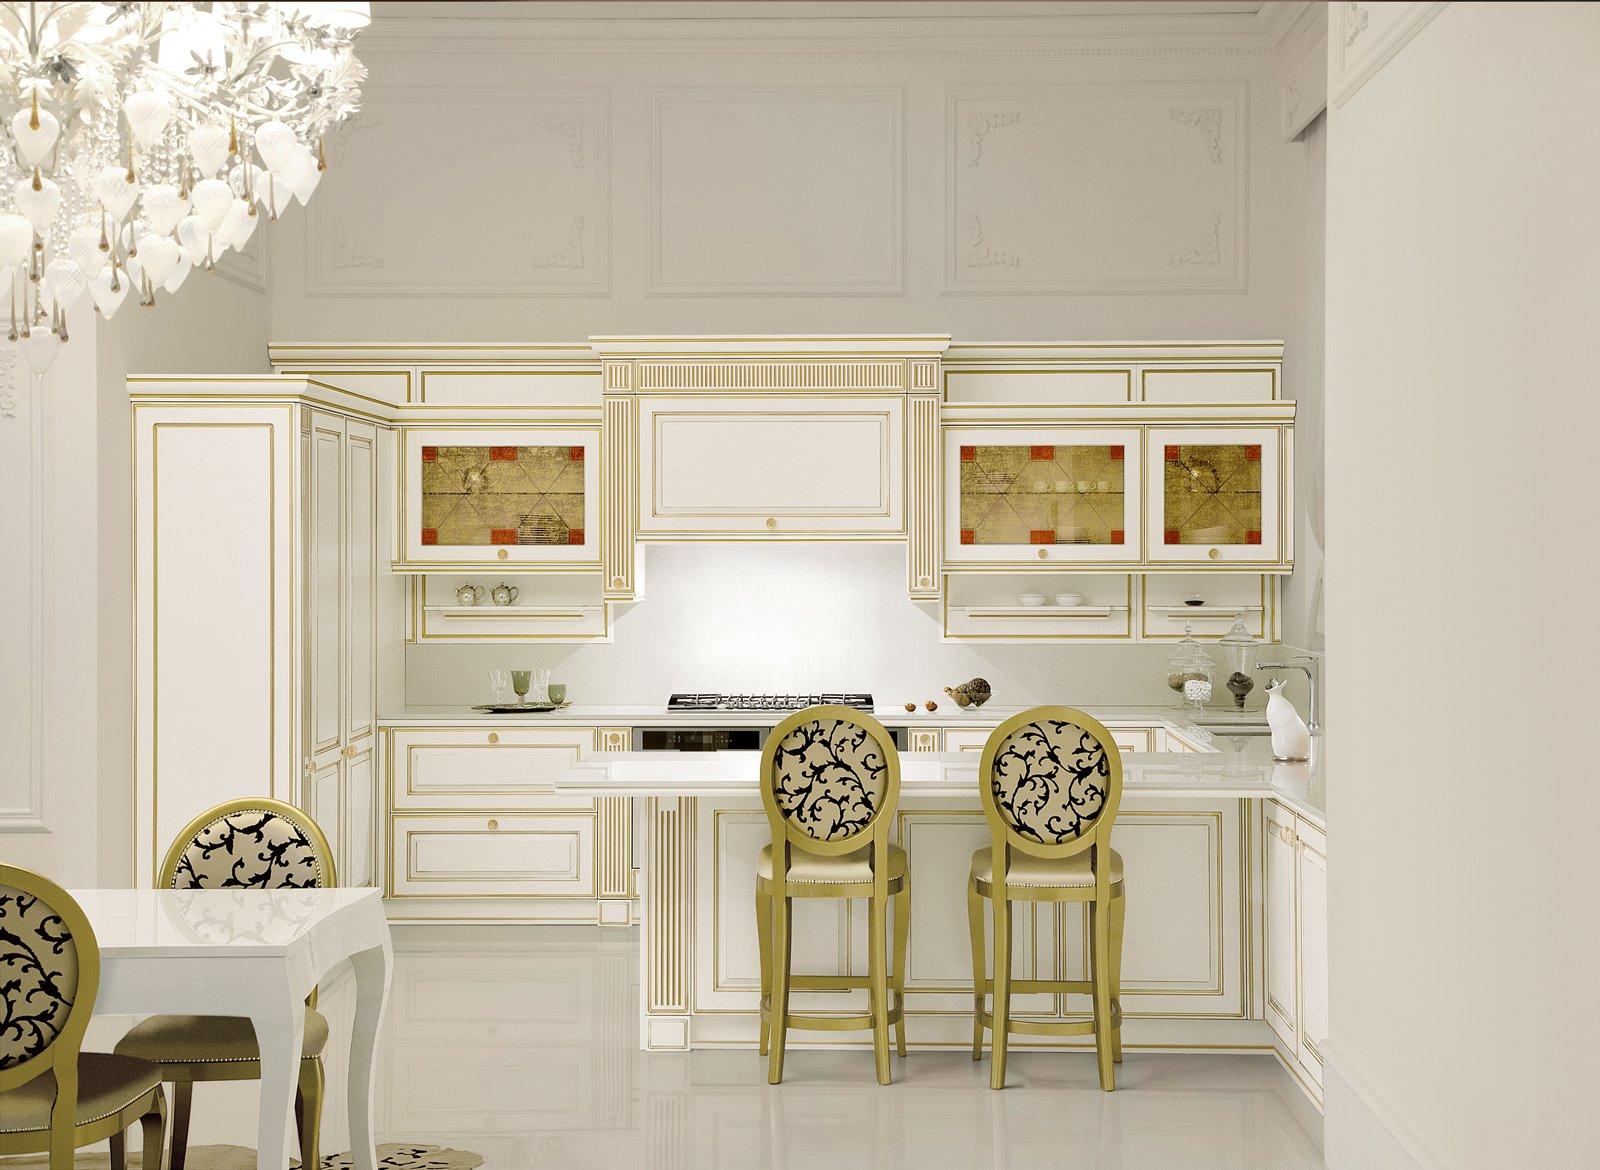 Guide per porte scorrevoli in vetro - Piani cucina in okite ...